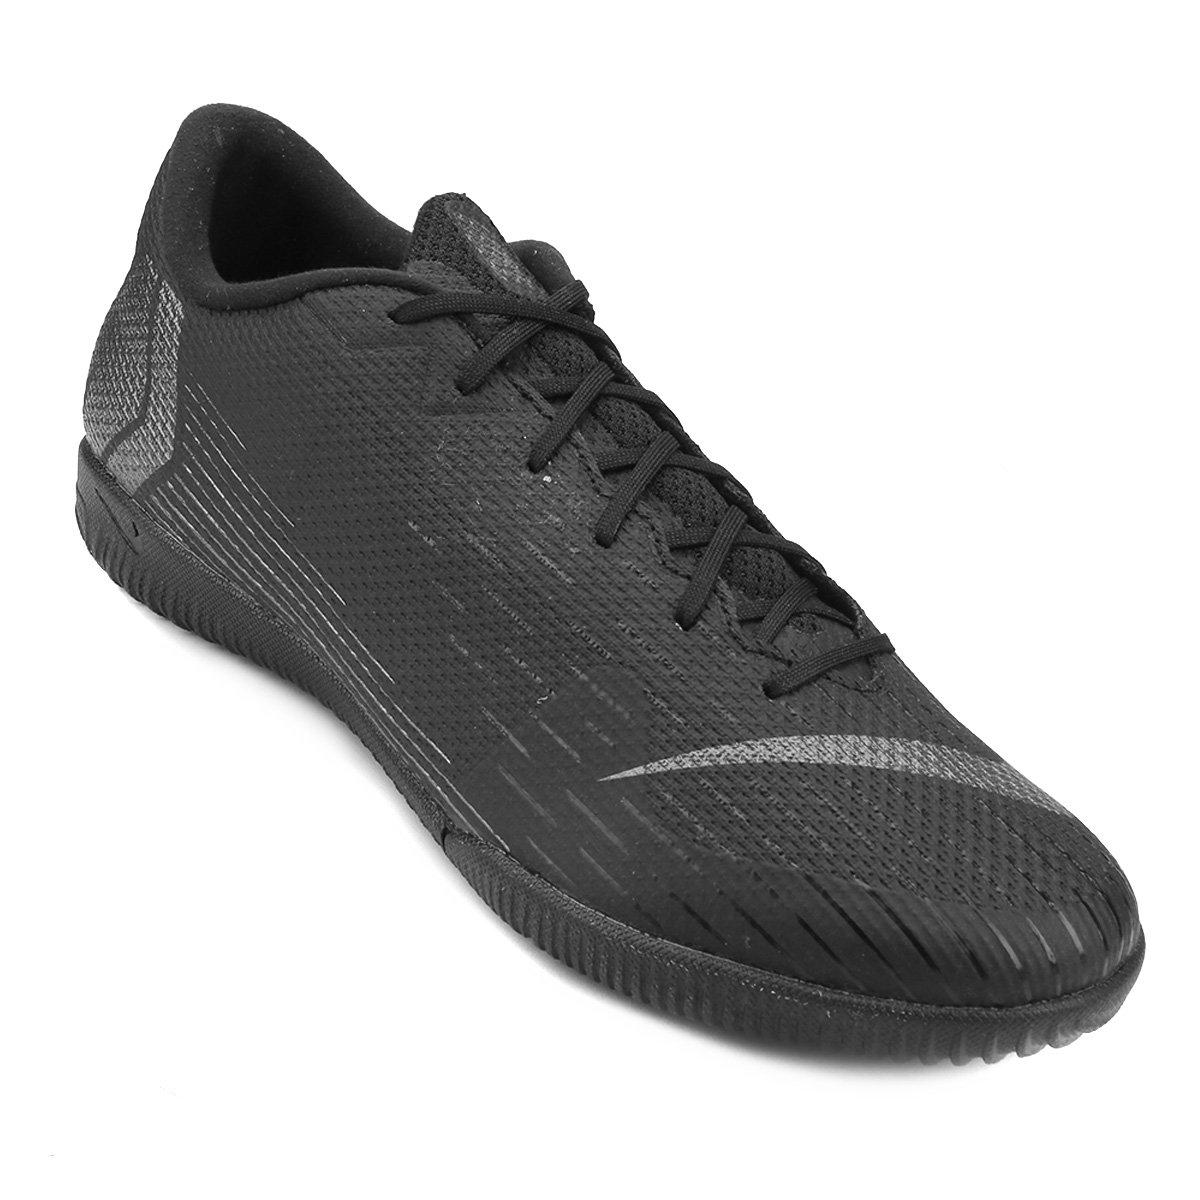 1a1e7e02cf739 Chuteira Futsal Nike Mercurial Vapor 12 Academy - Tam: 39 - Shopping ...